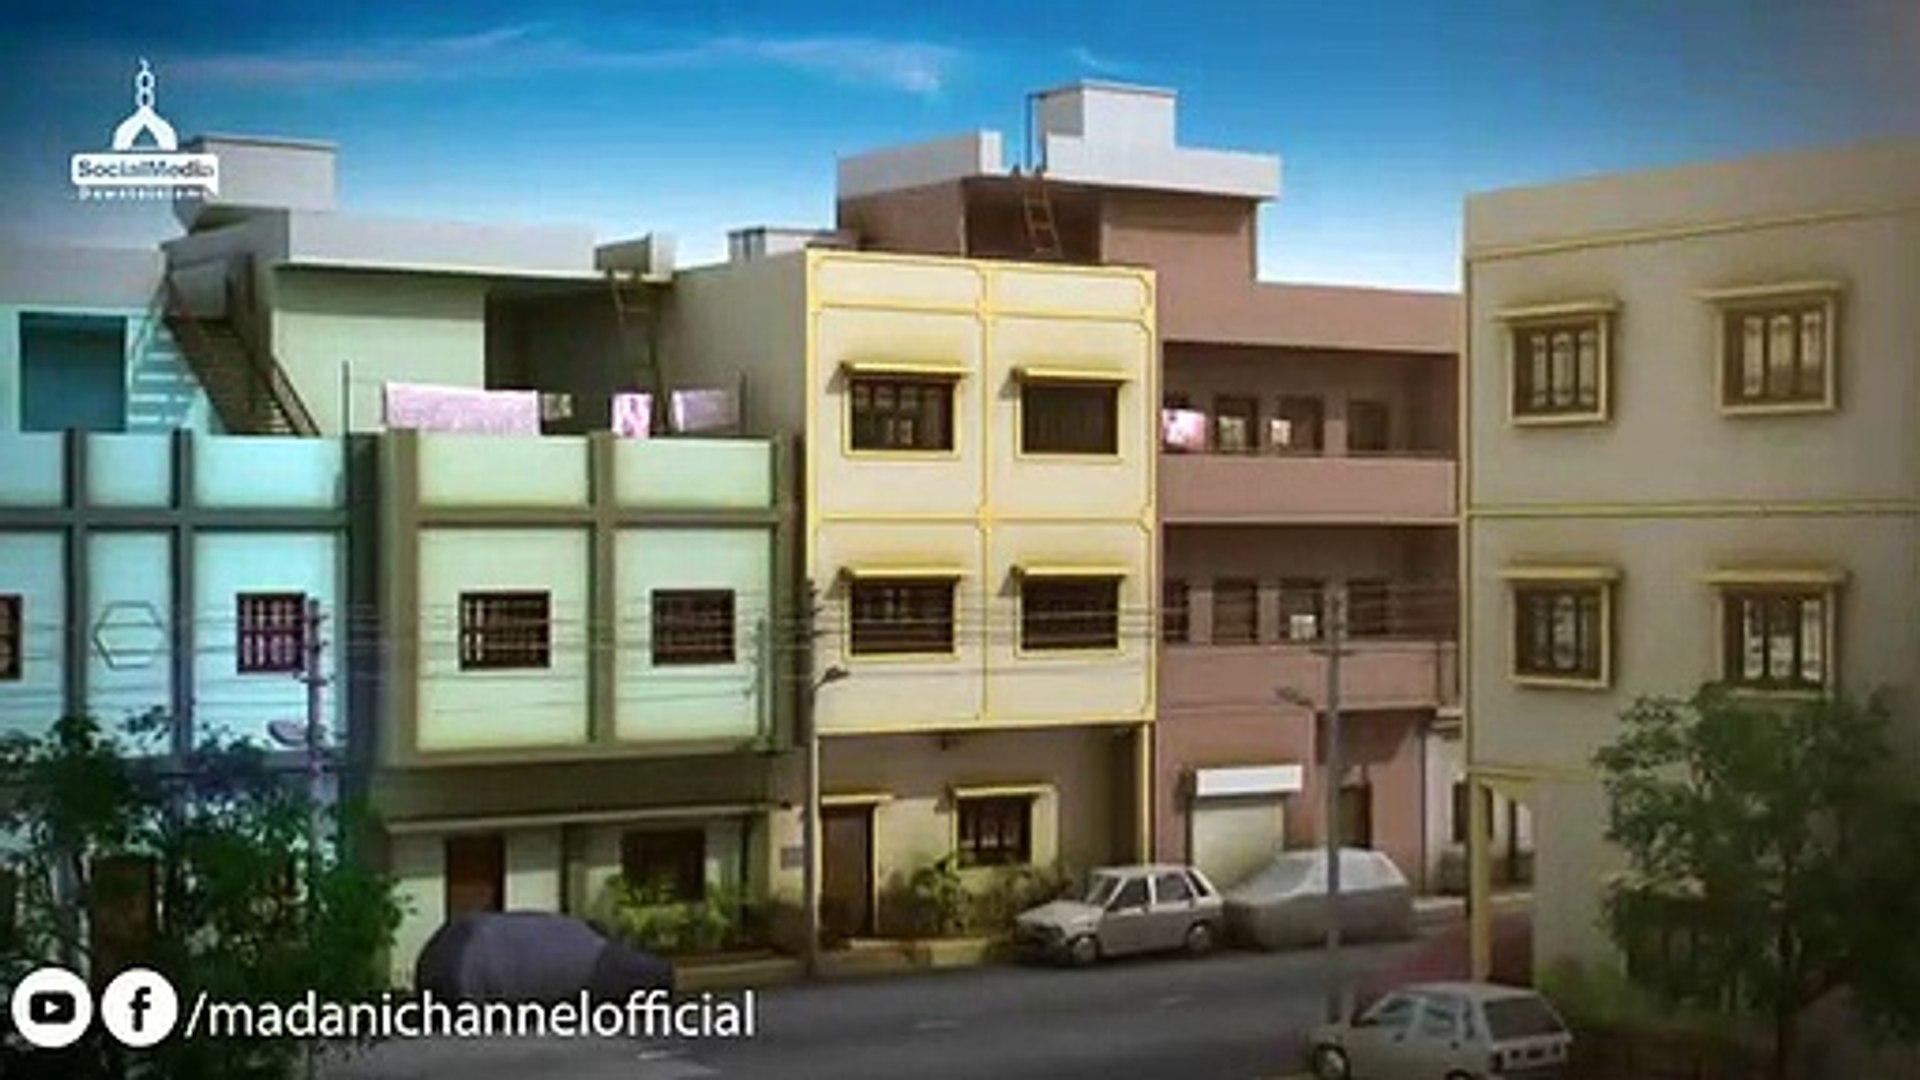 Islamic Kids Cartoon - 3D Animation - Marhaba Ramadan - HD - 2019